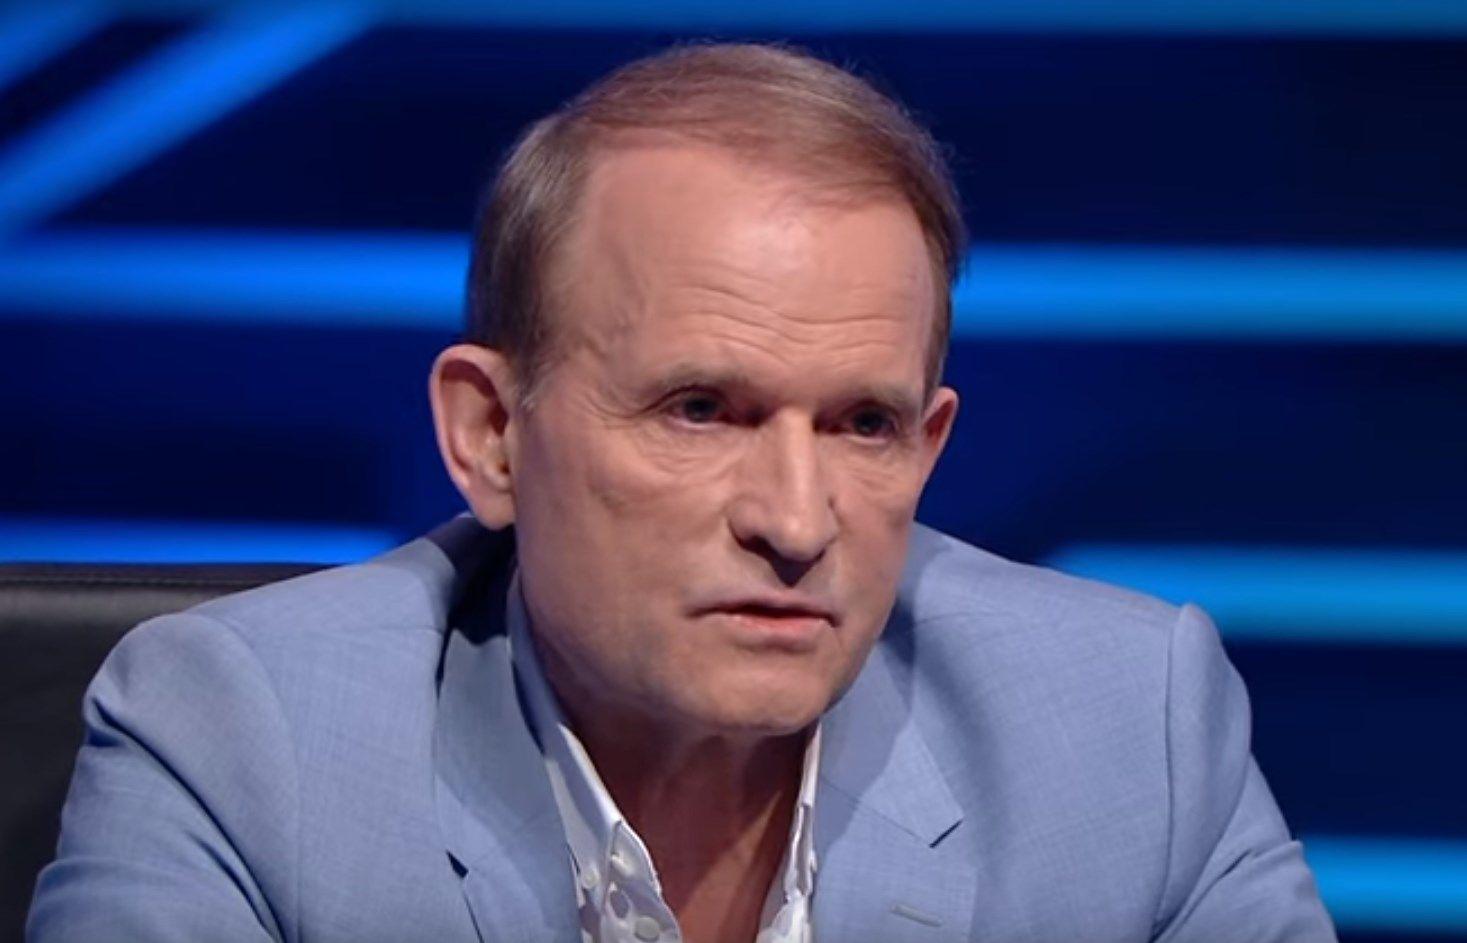 Медведчук: В работе с Радой Зеленский допустил очень серьезные тактические ошибки